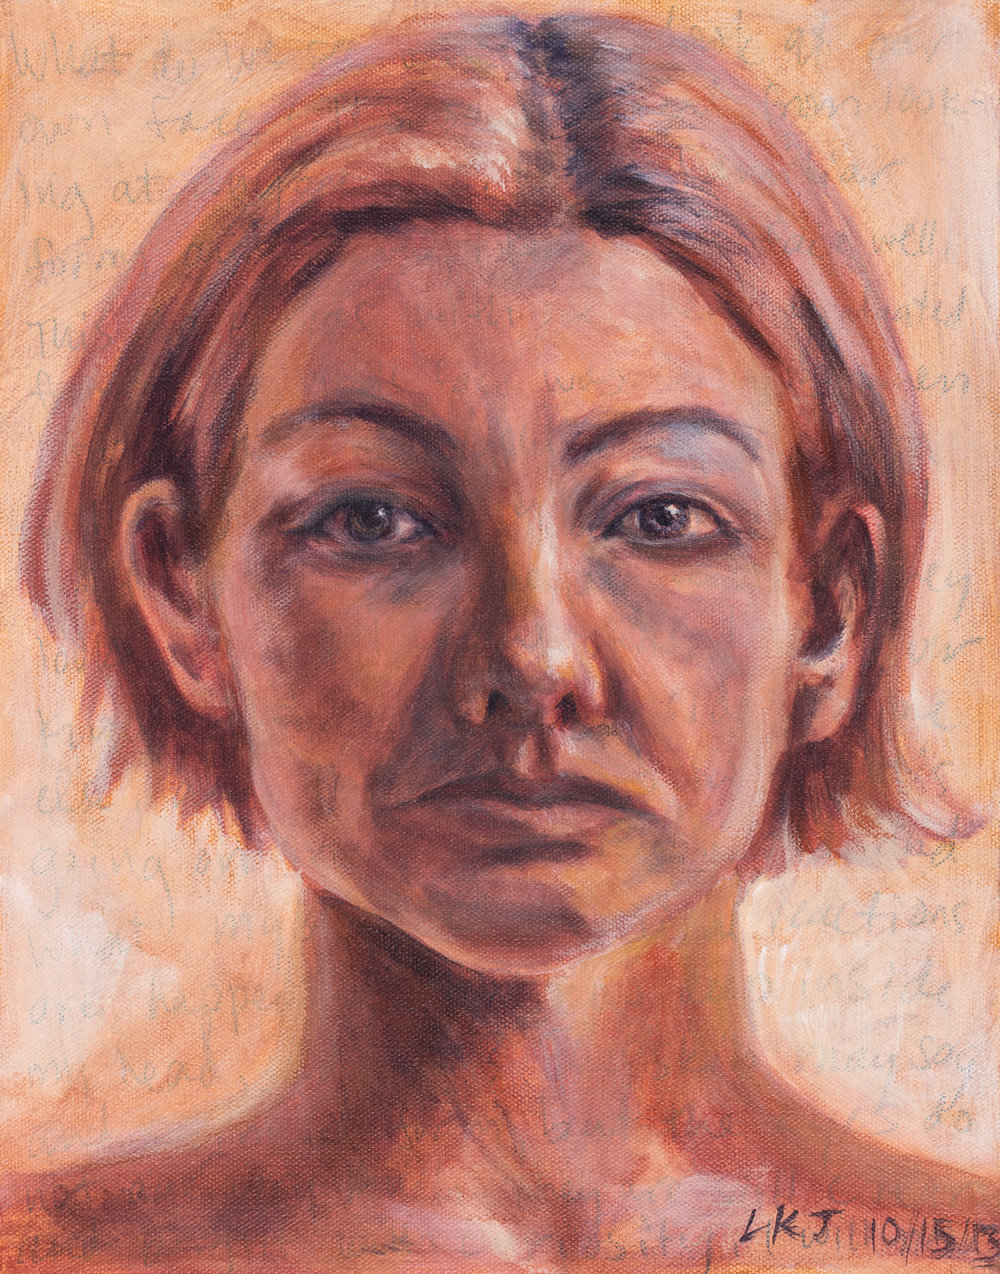 15-LauraKJohnston-ownface.jpg